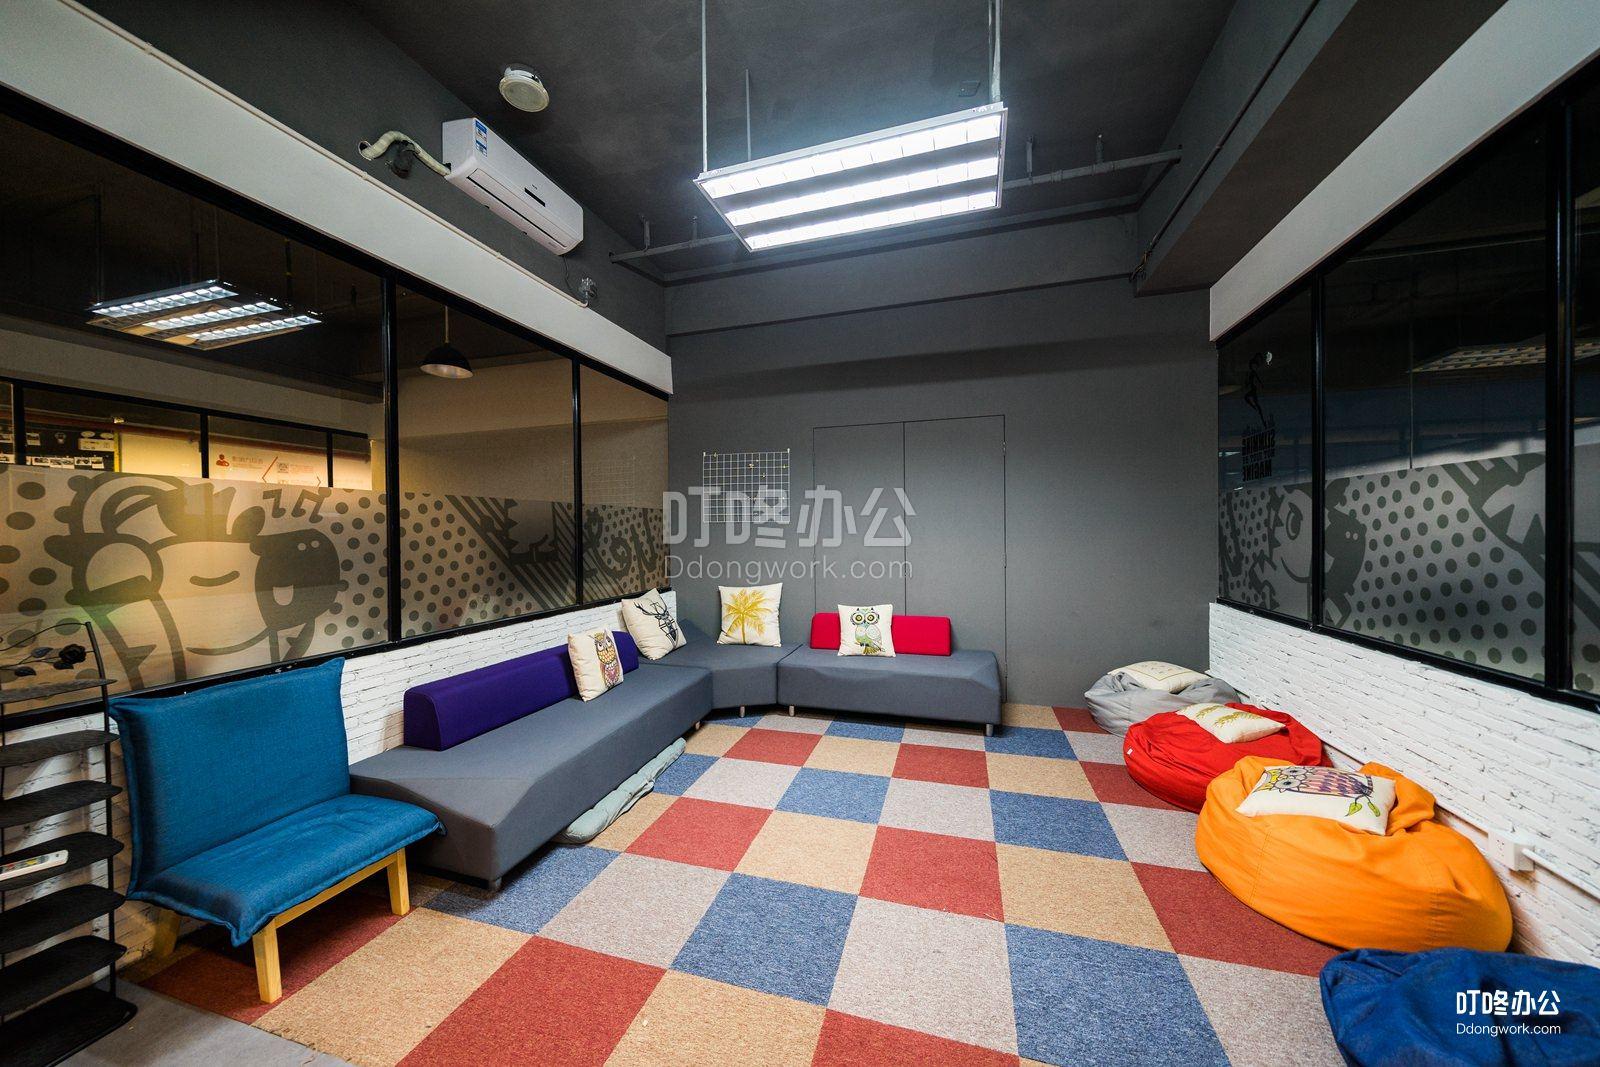 深圳yeswedo科技园社区•优客工场公共区域